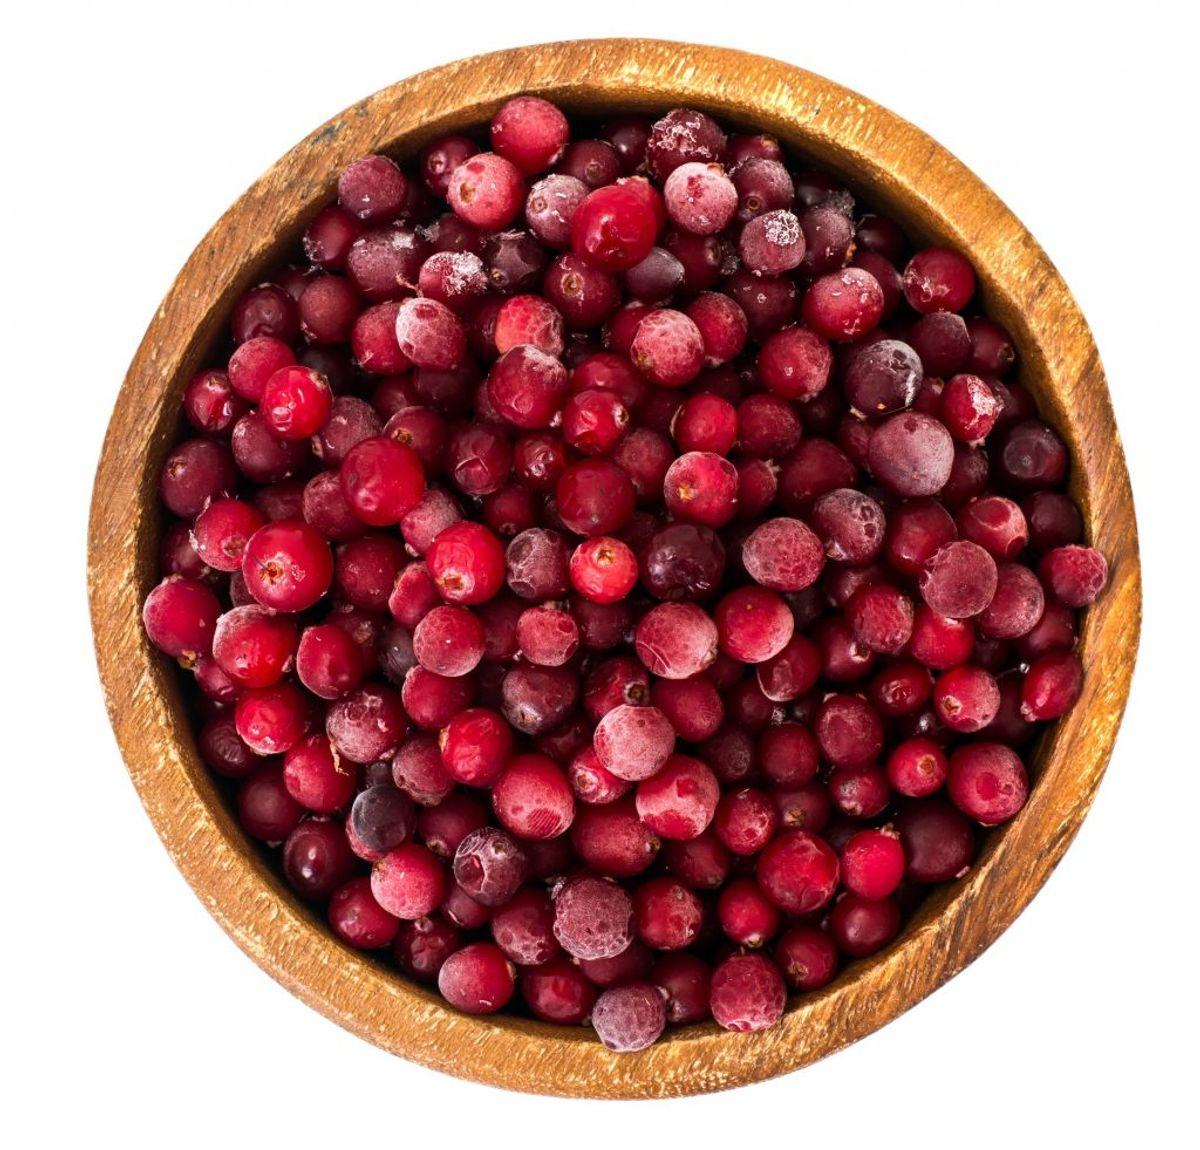 Du bør ikke putte dybfrosne bær i blenderen – det kan i værste fald gøre blenderens blade sløve.  Lad gerne bærrene stå i køleskabet i lidt tid,  inden du blender dem, så de kan nå at tø lidt op. Husk i øvrigt at mange typer bær skal koges, før man bruger dem. Kilde: Reader's Digest. Arkivfoto.